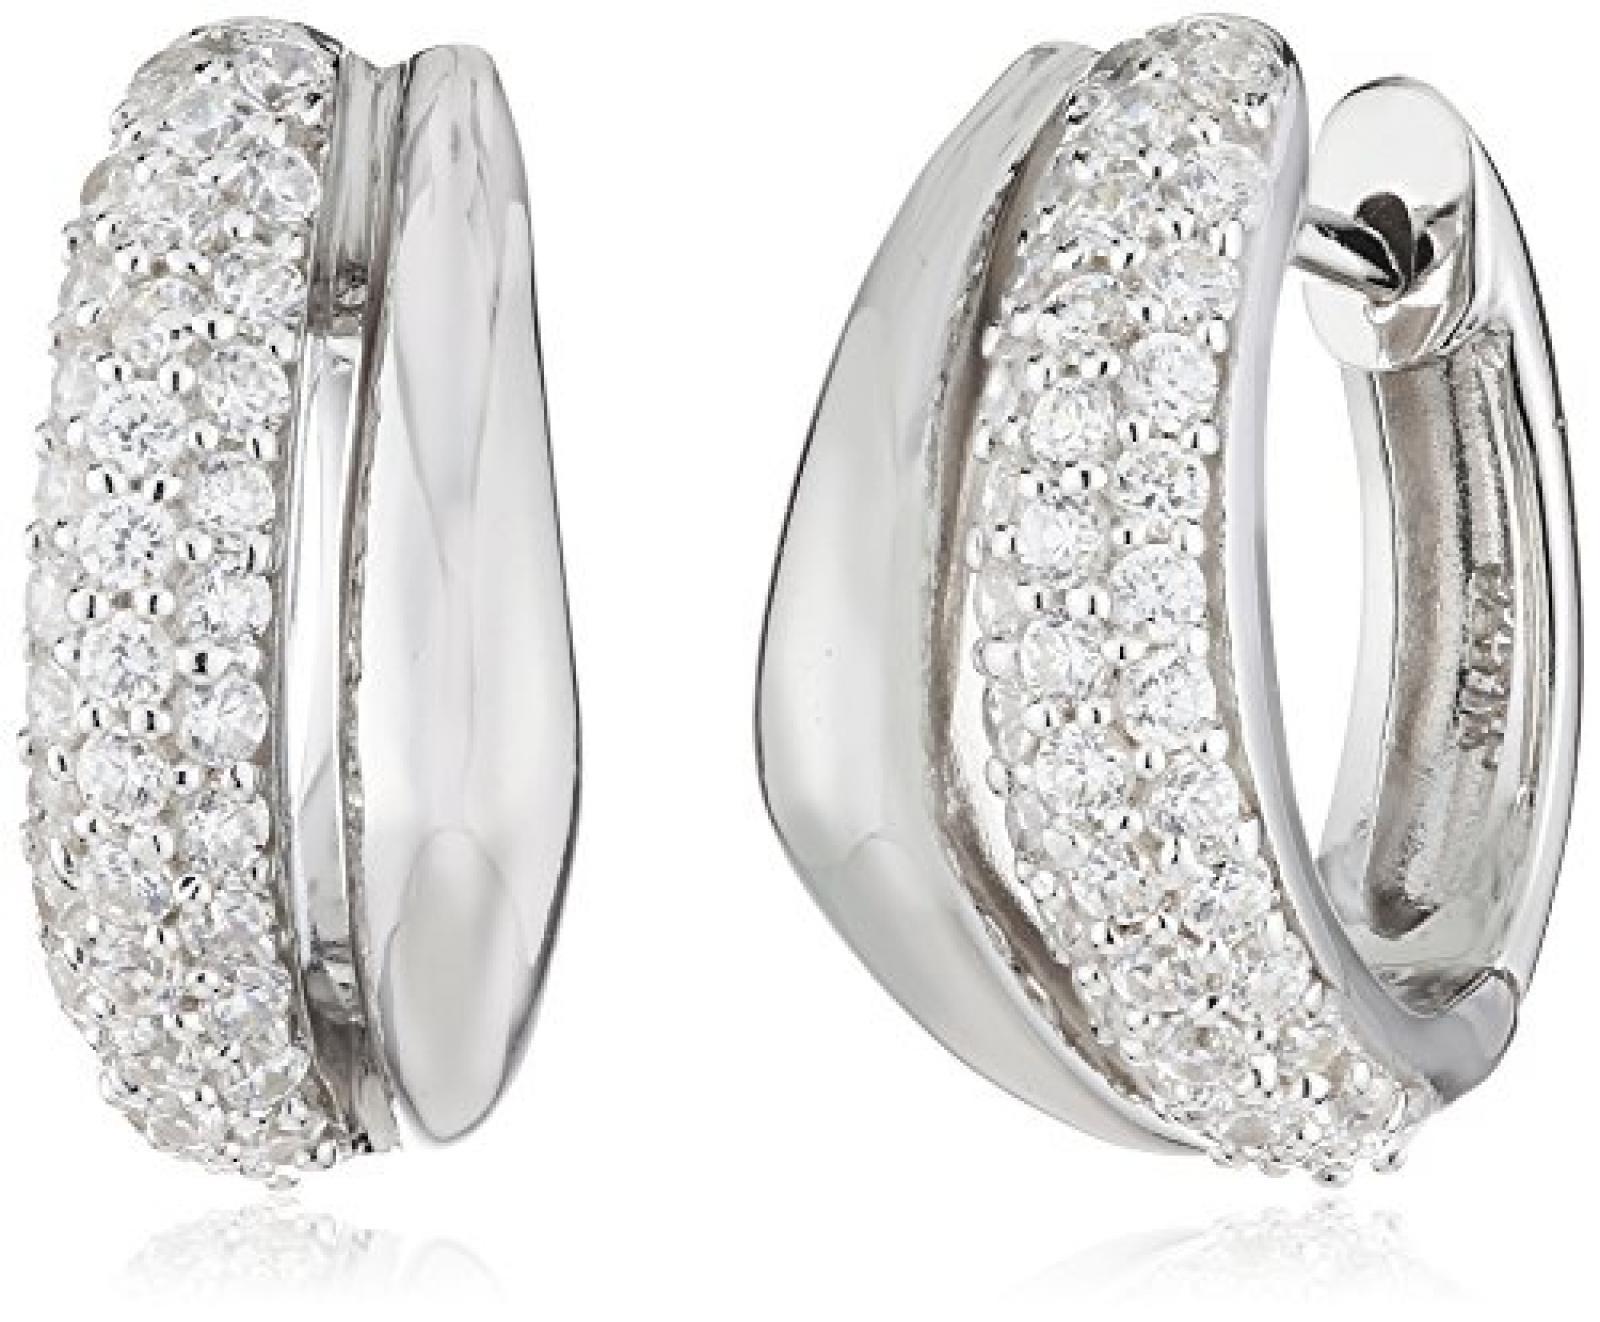 Celesta - Damenklappcreole aus 925er Sterling Silber und 74 weißen Zirkonia 16mm Durchmesser 368210001L